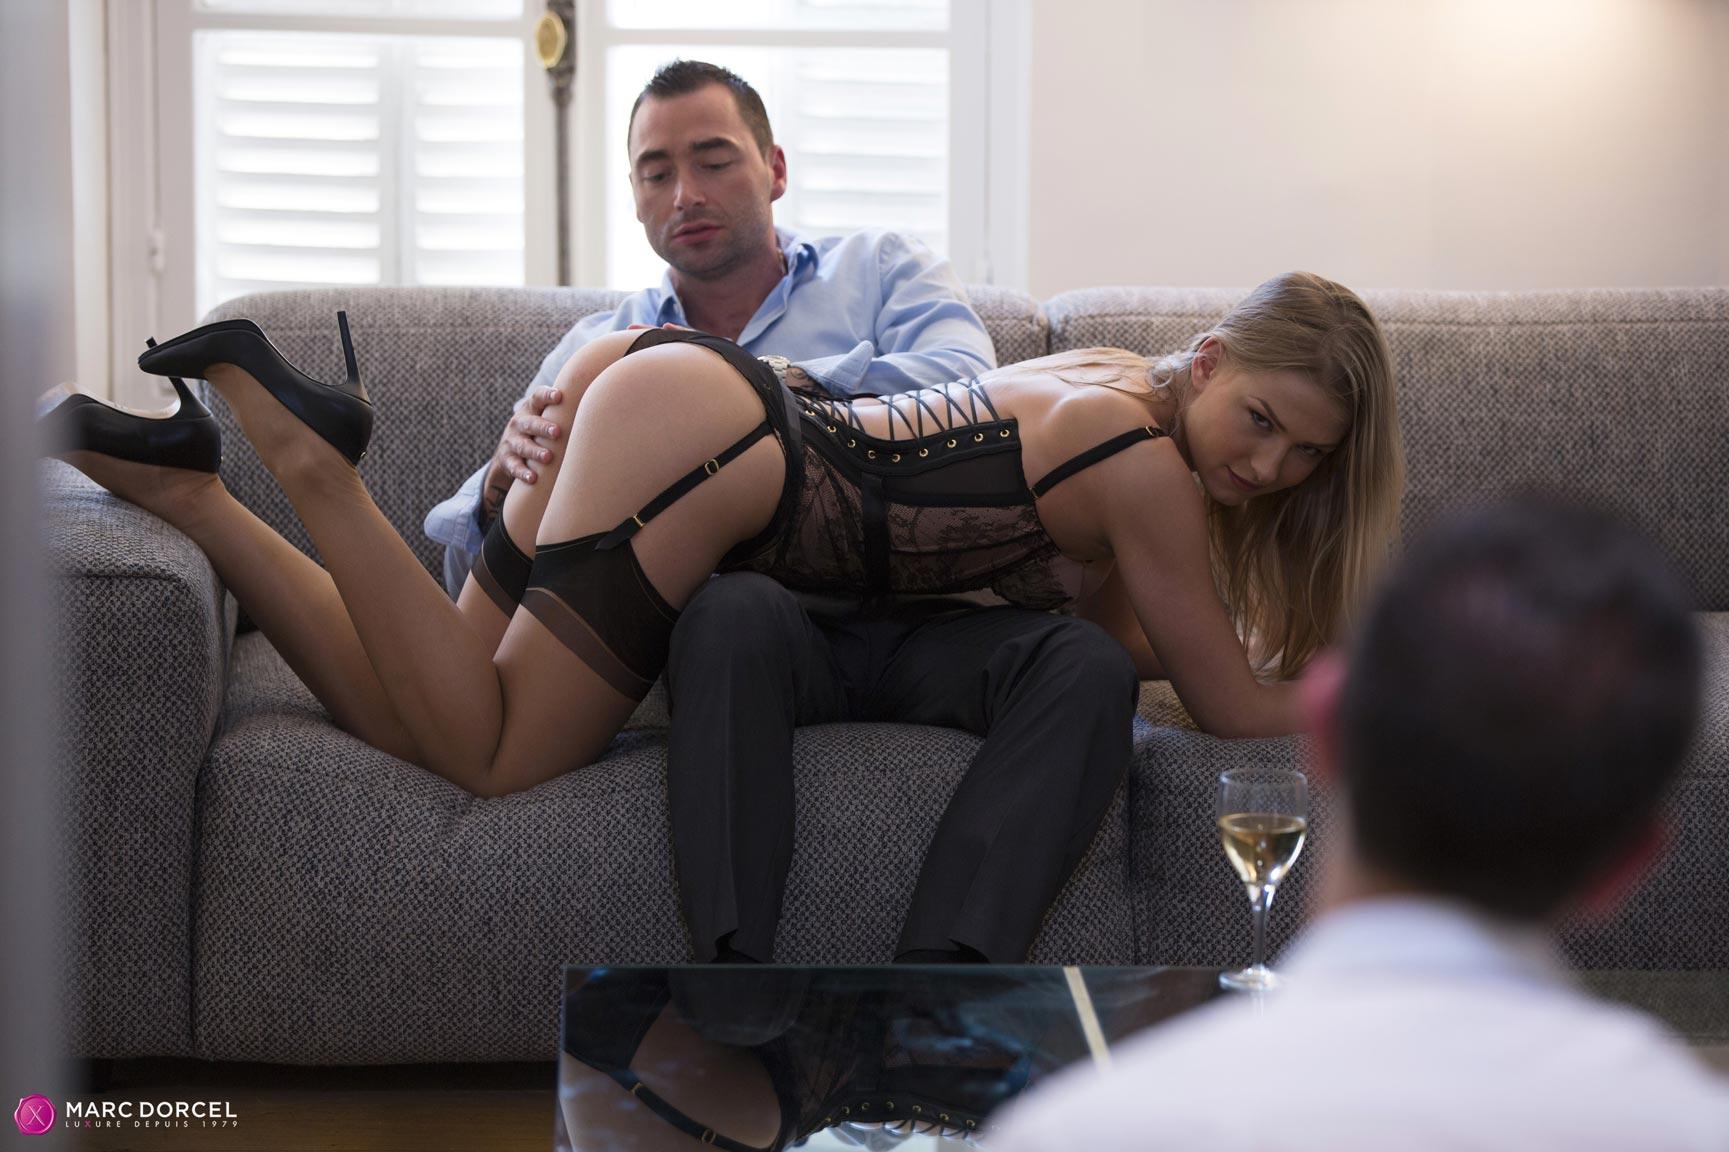 Russian woman date  Matador Network